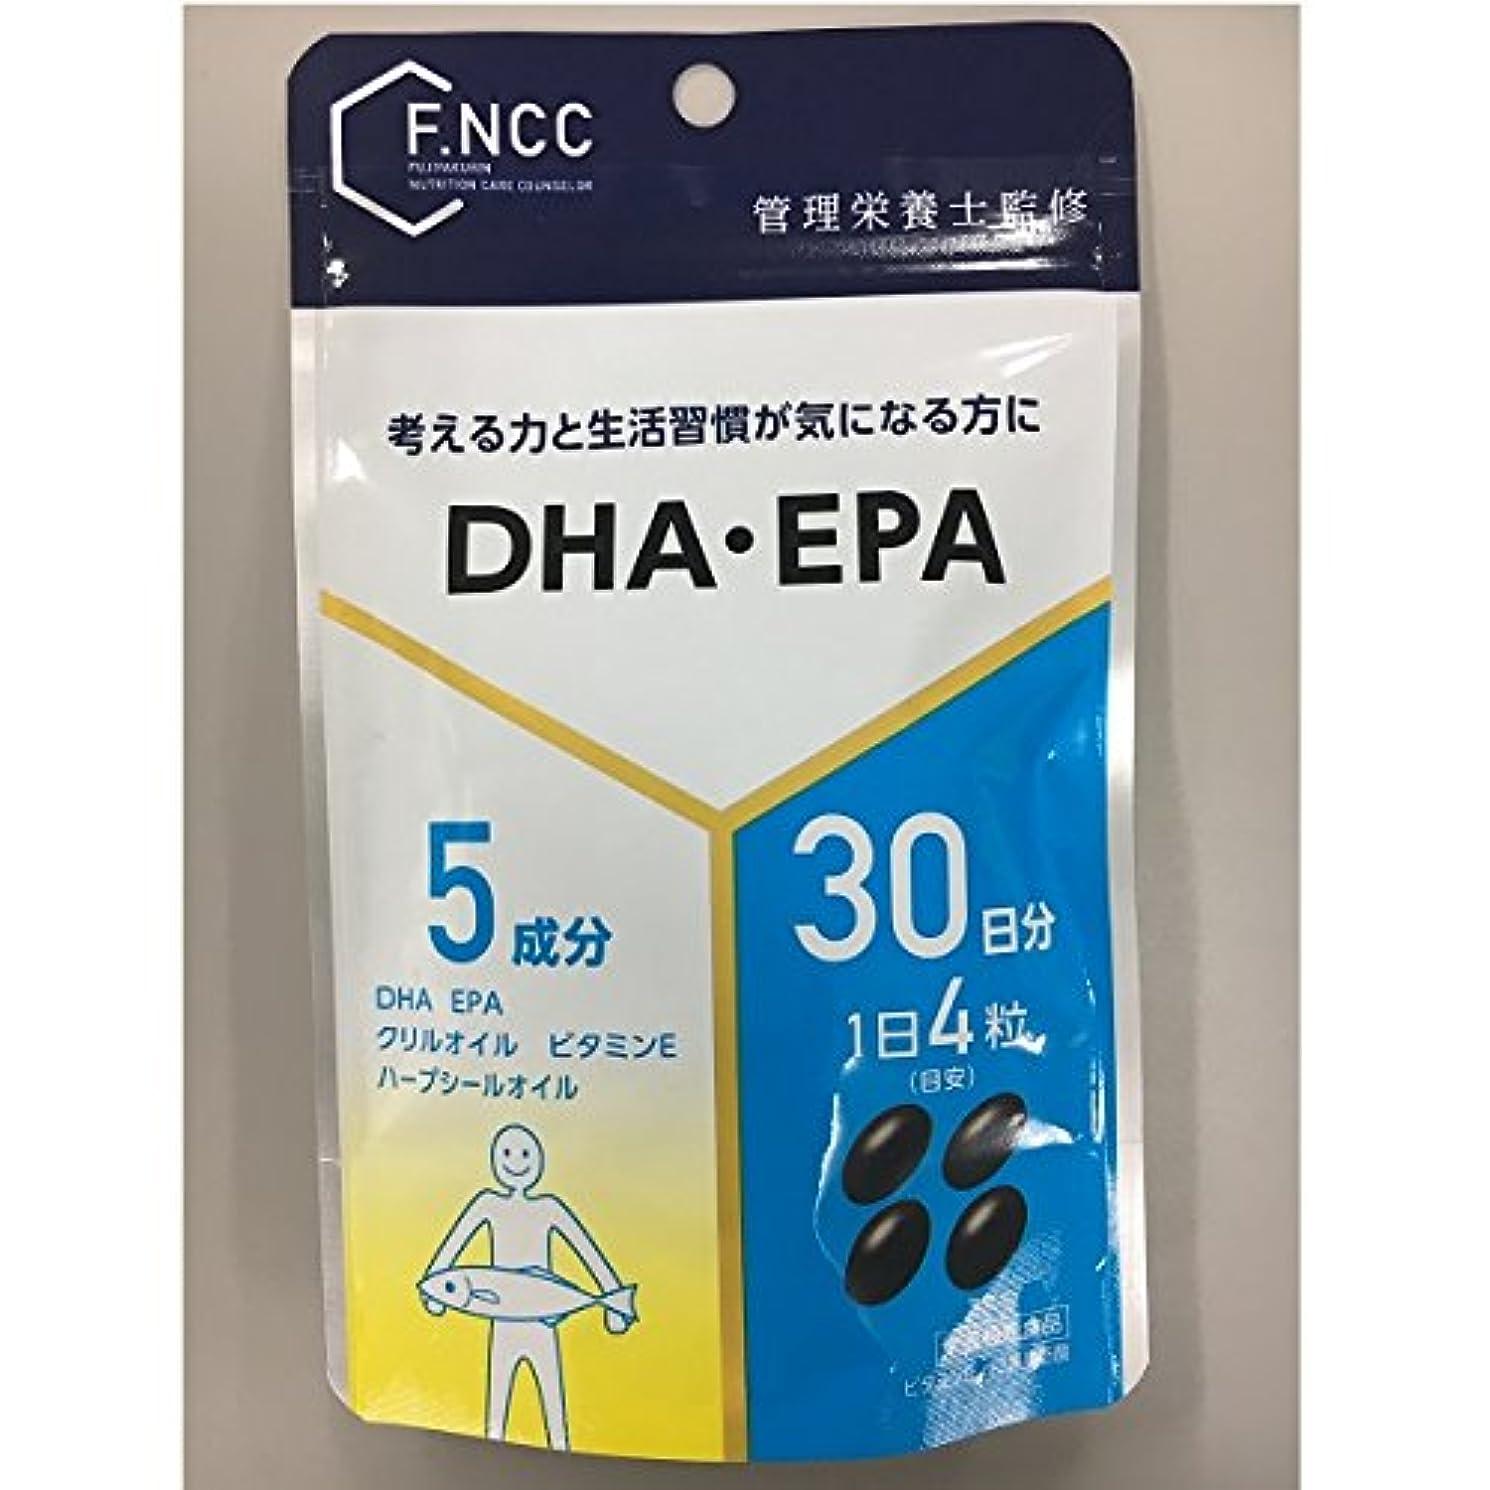 持つ誰も初期のFNCC)DHA?EPA 30日分(120粒)